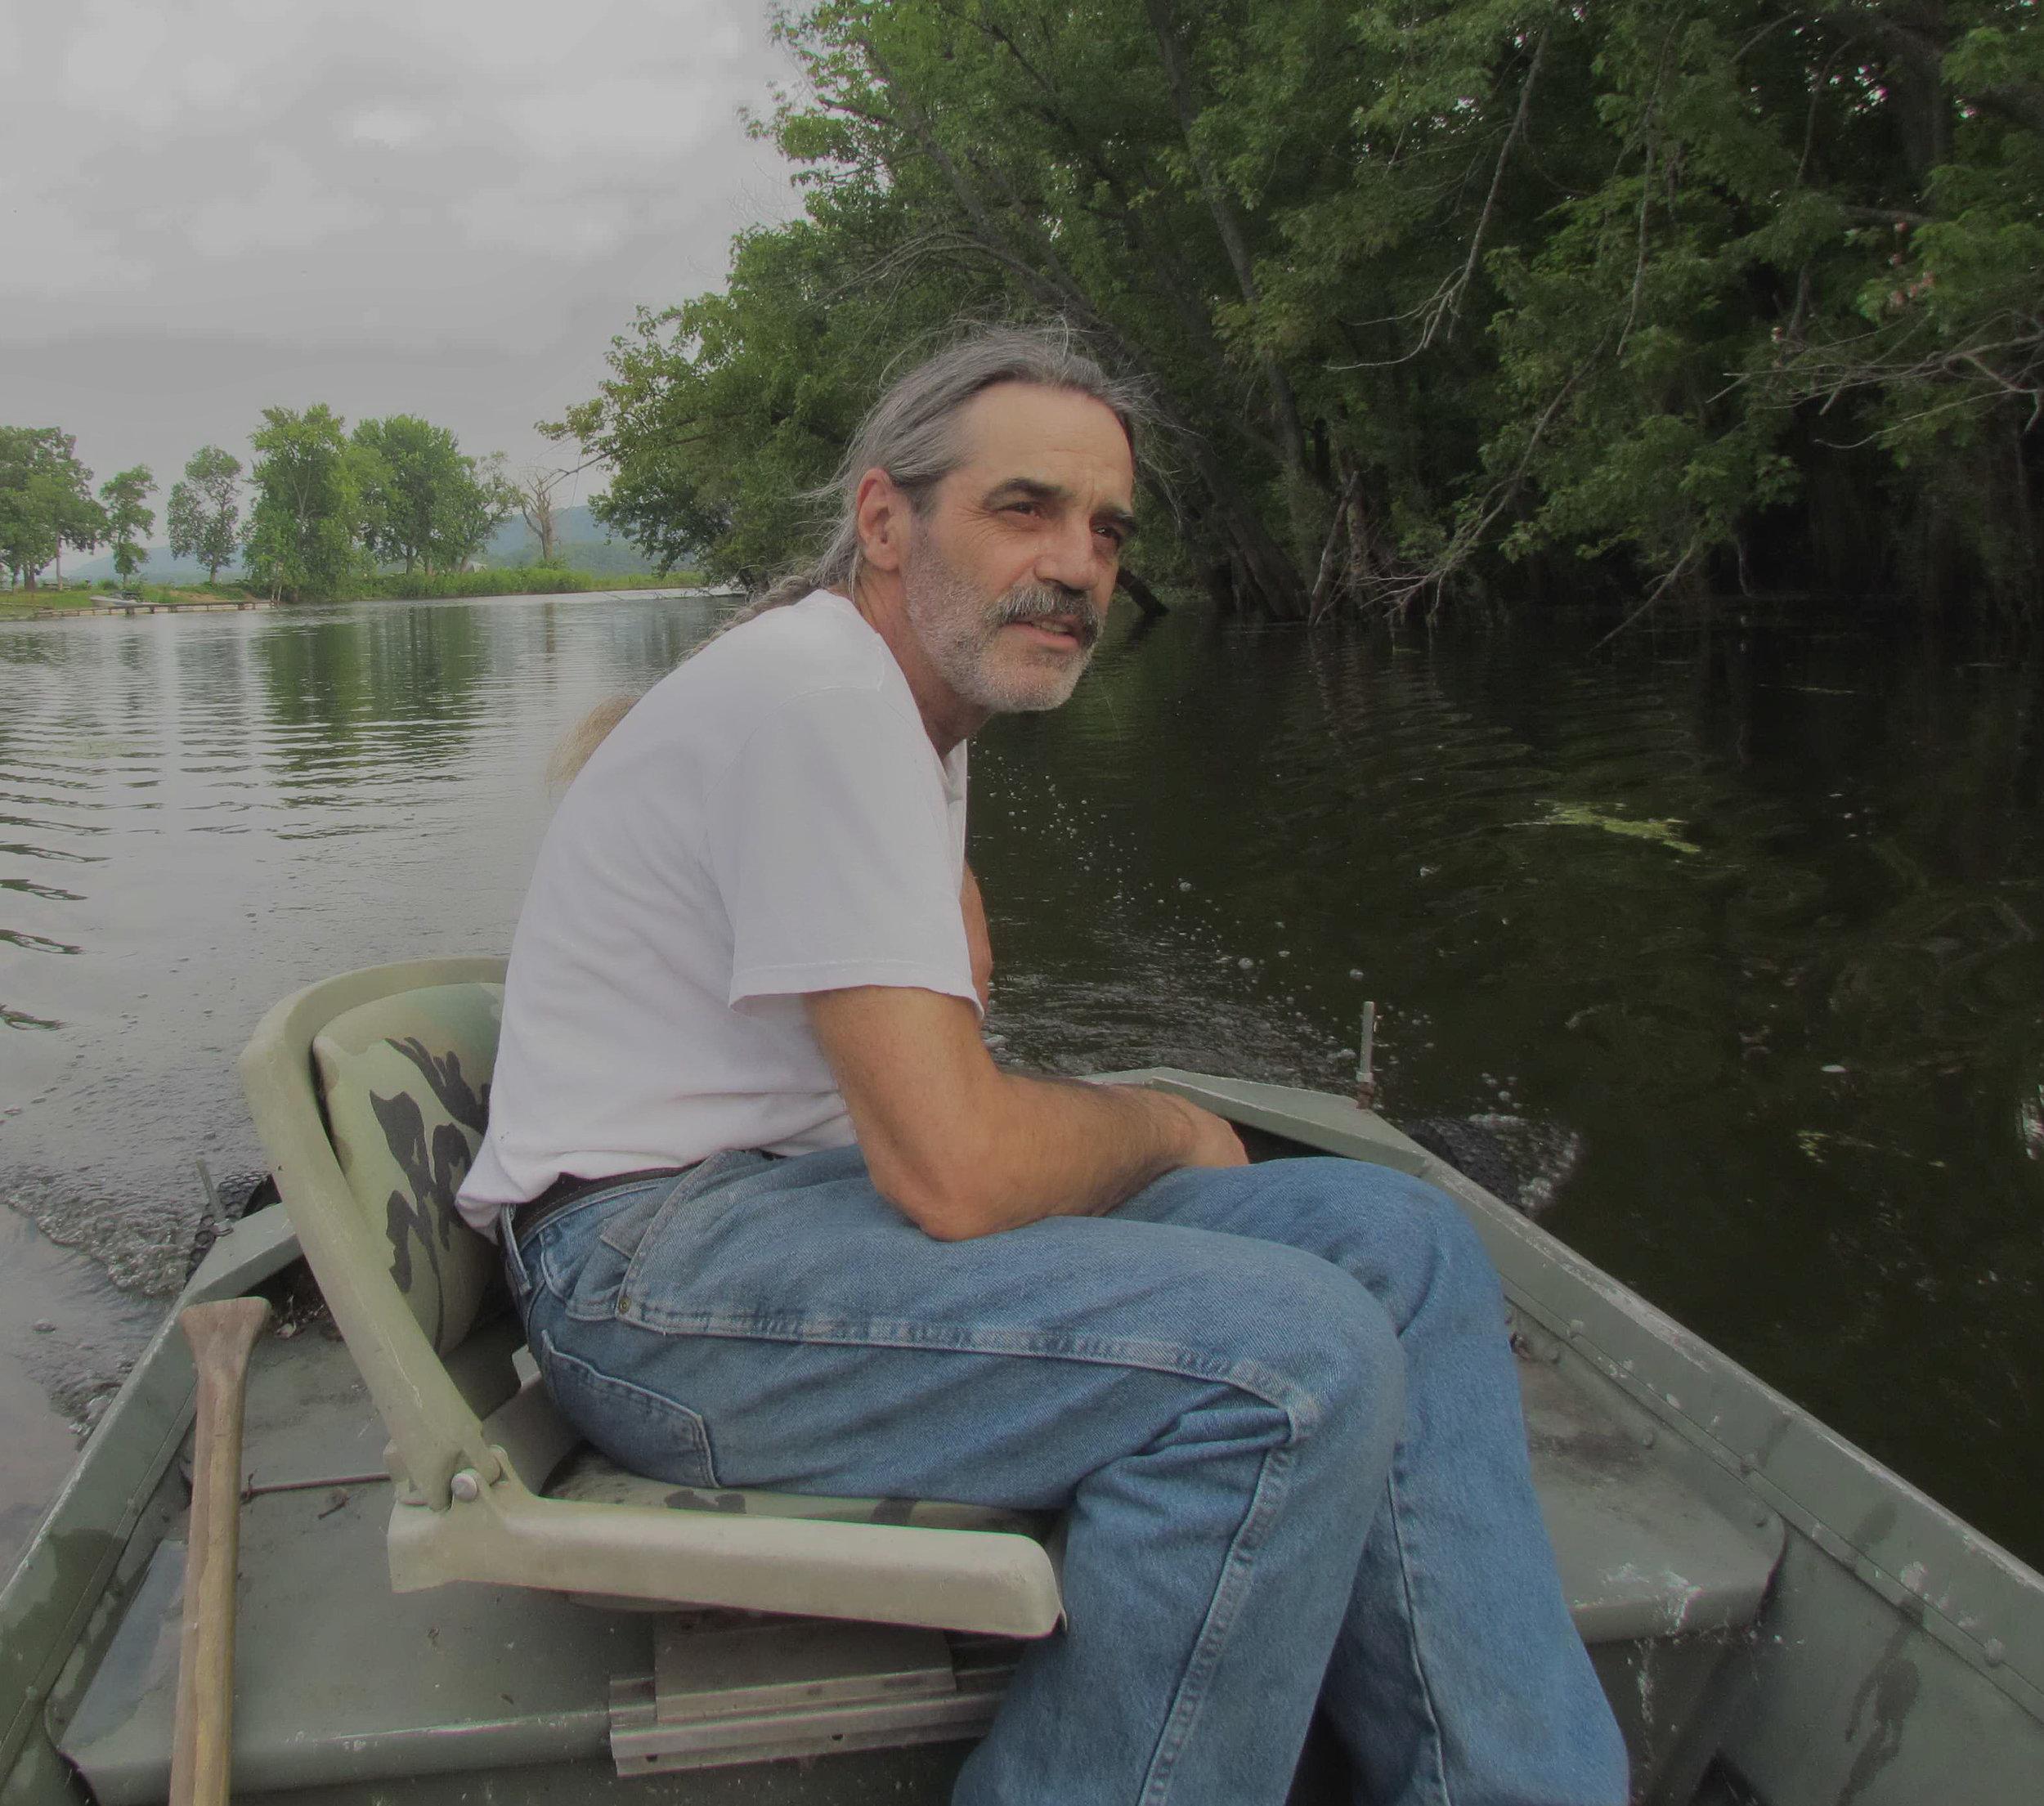 David Meixner; Resident in Bay City, Wisconsin